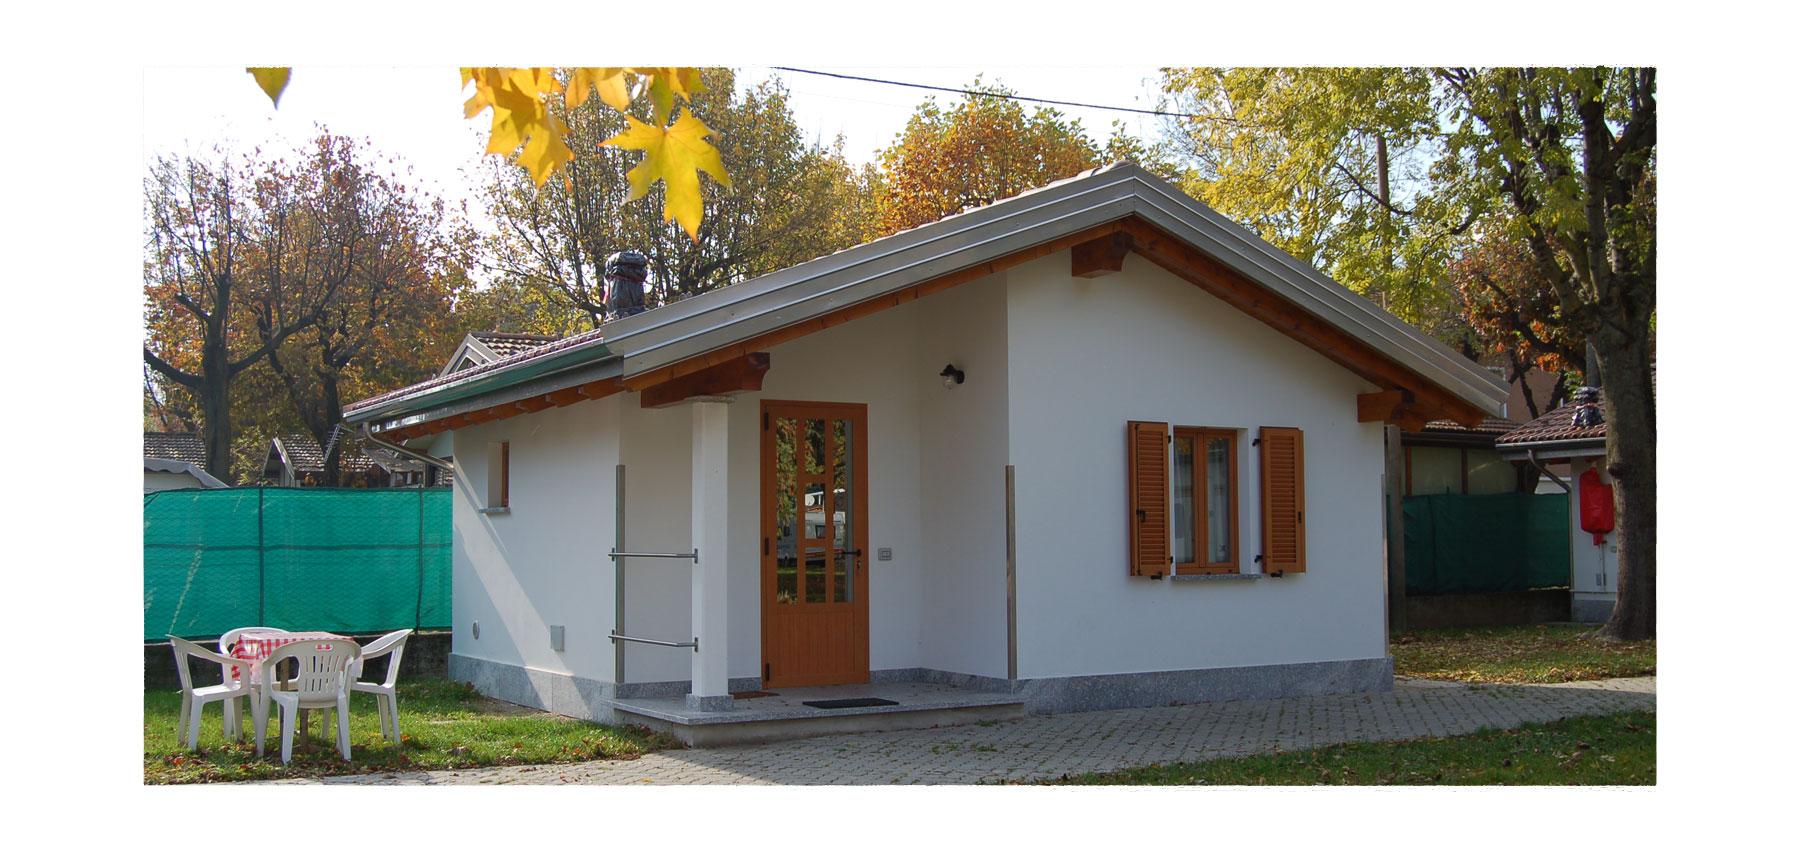 Camping solarium lago di como camping bungalows e for Piccoli bungalow piani casa con garage